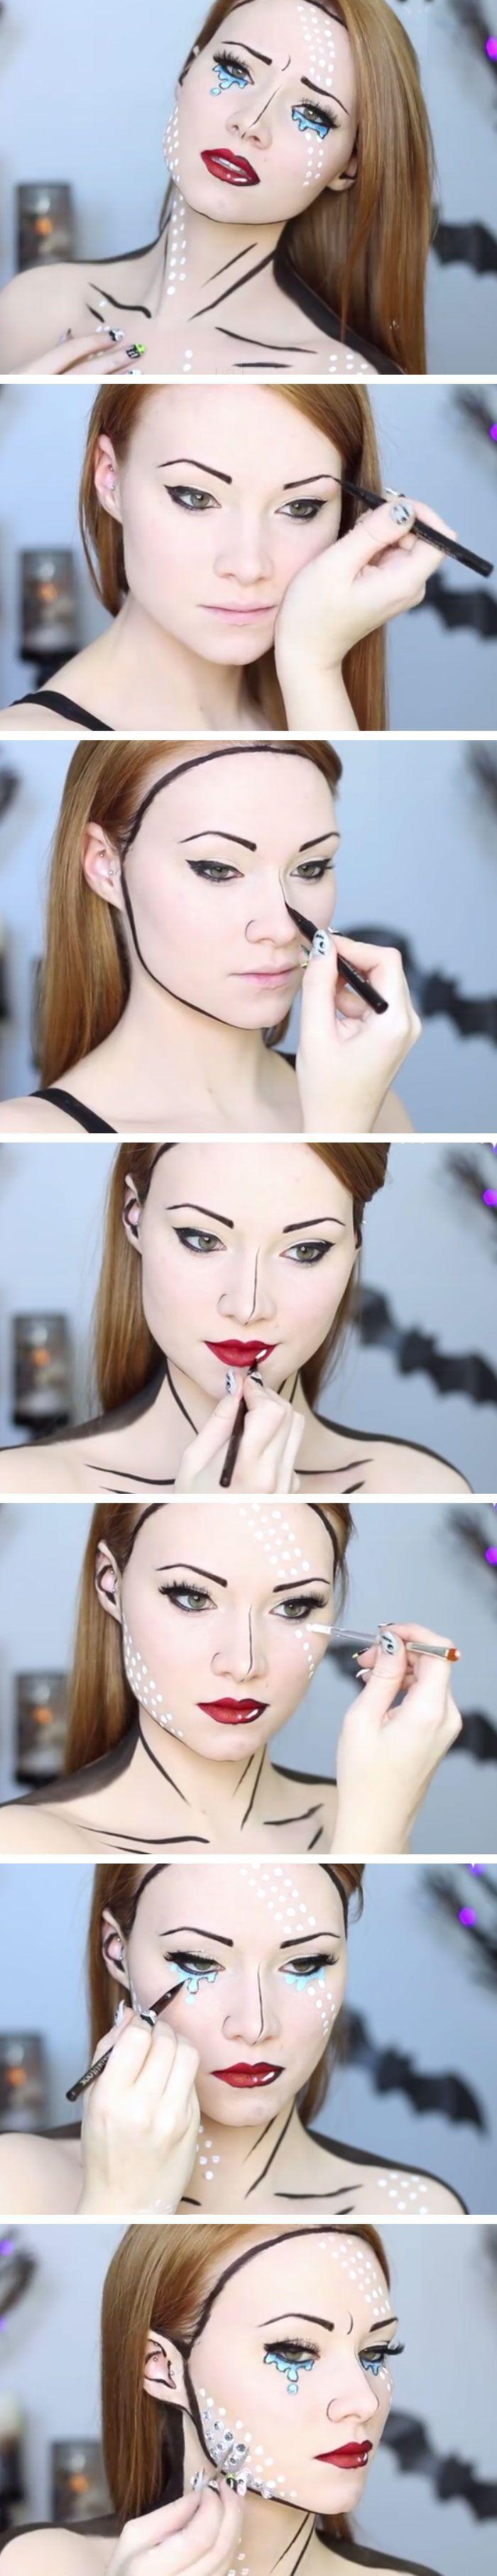 15 Make-up-Ideen für ein paar Halloween-Looks #wednesdayaddams #zombiemake